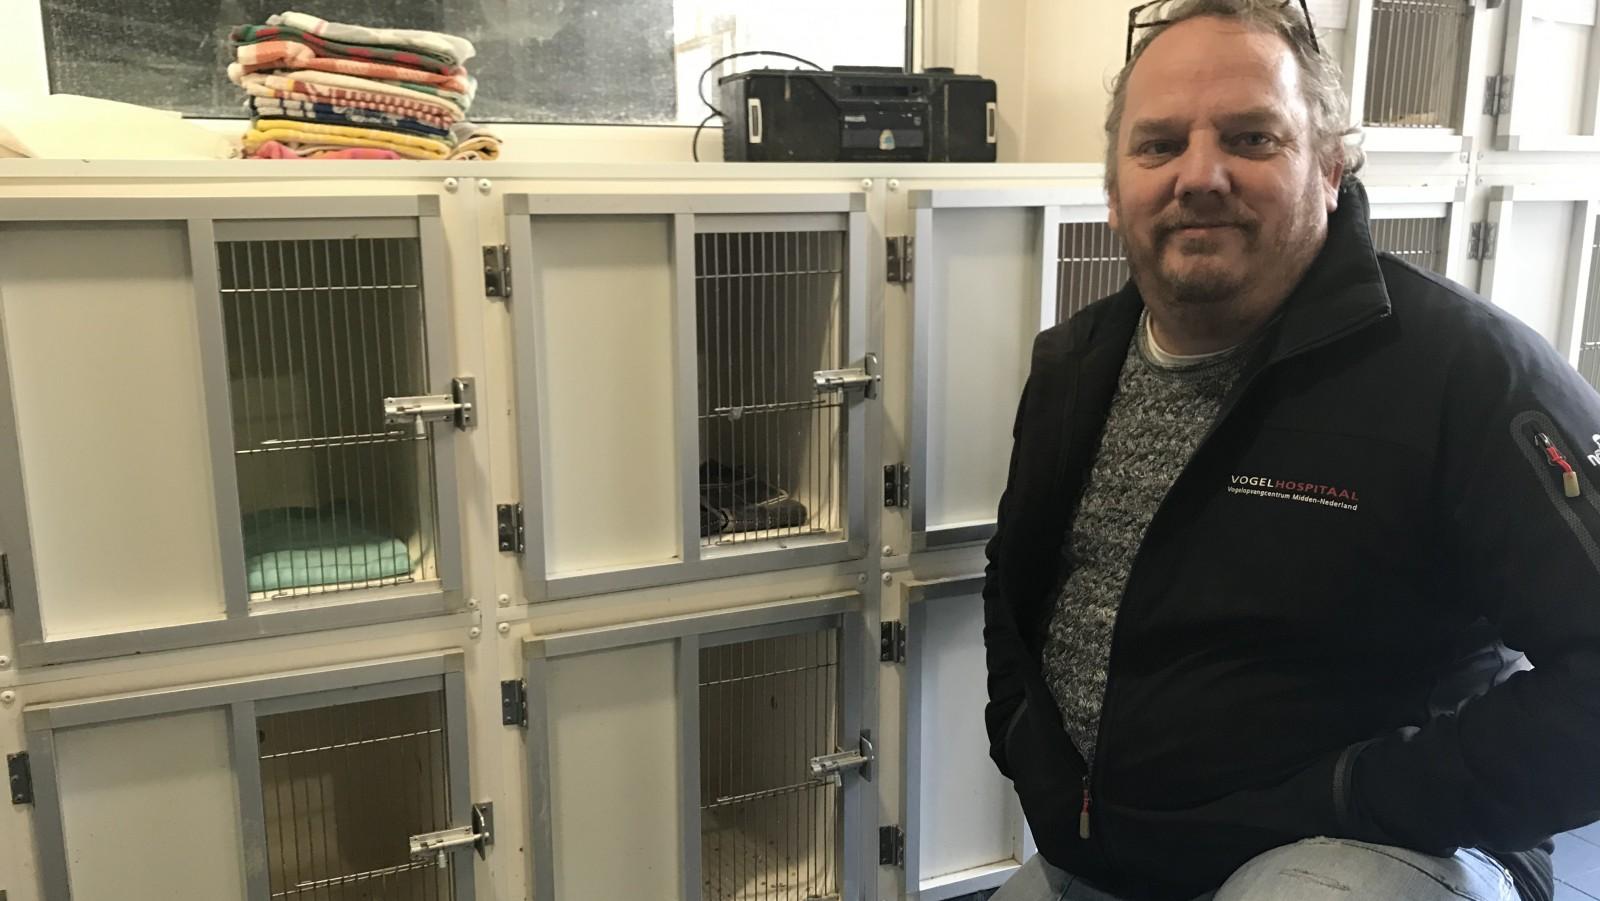 Naarder vogelhospitaal na maanden onzekerheid weer open, zonder feestje